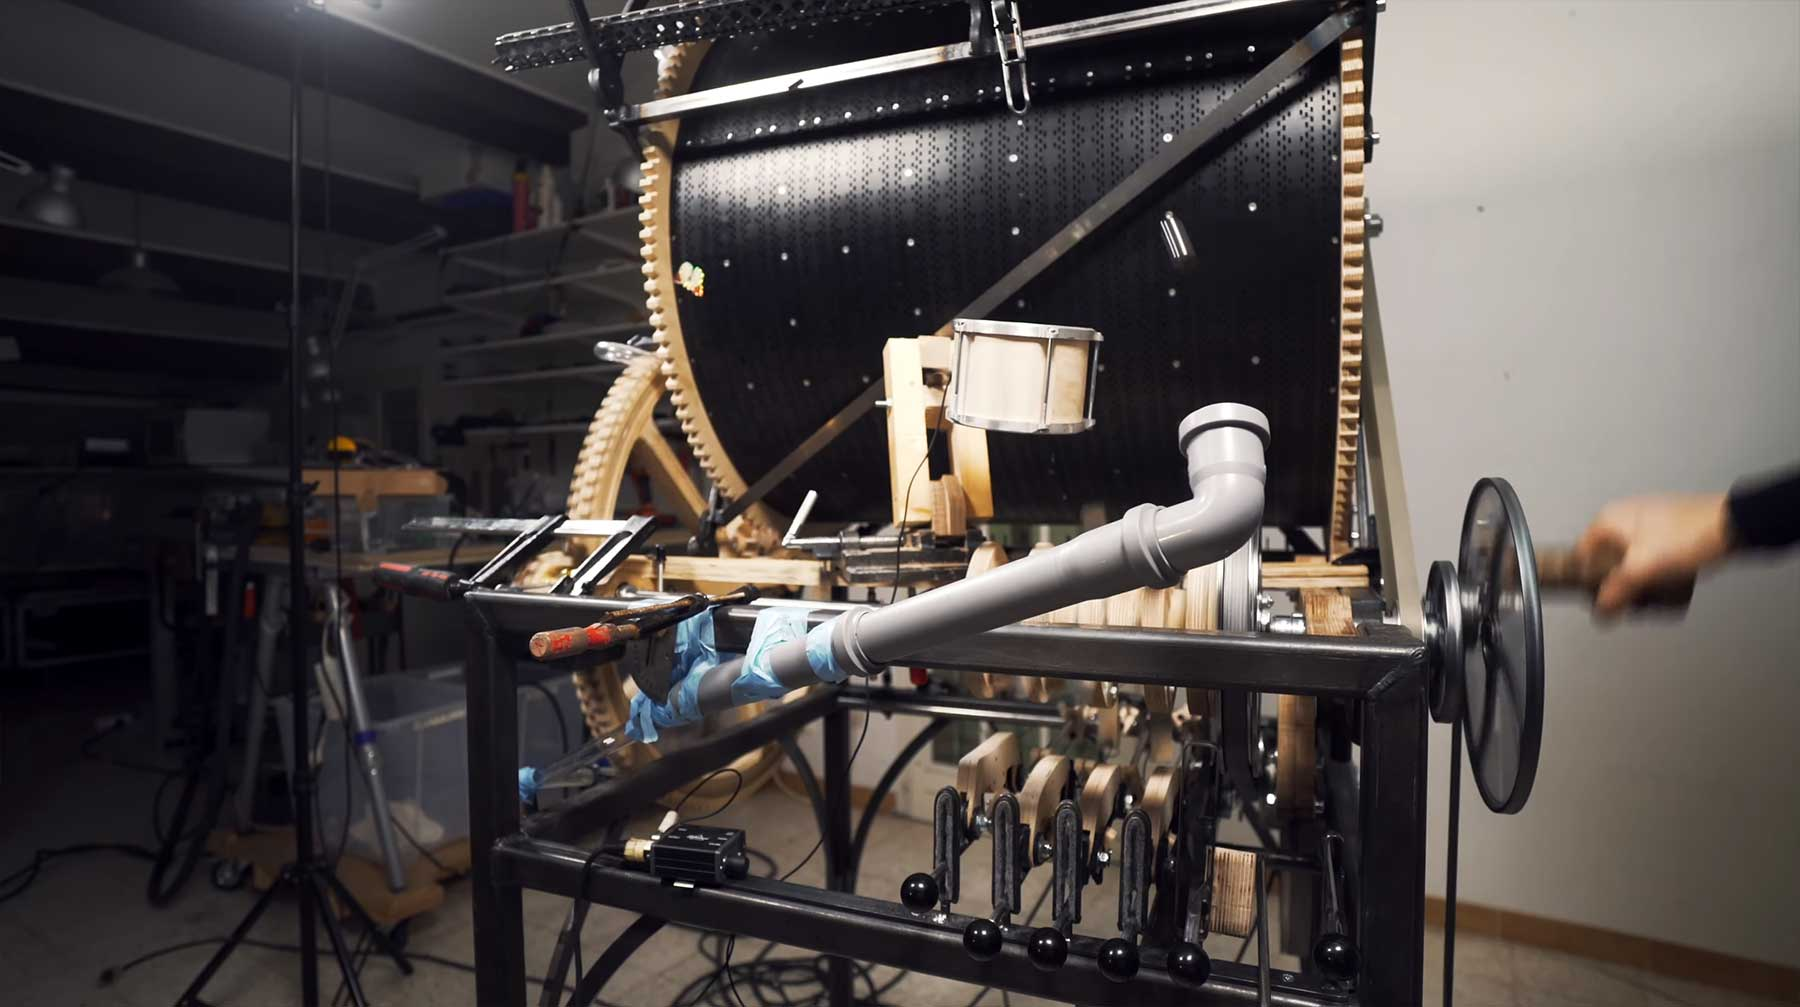 Musik auf einer Murmelmaschine spielen